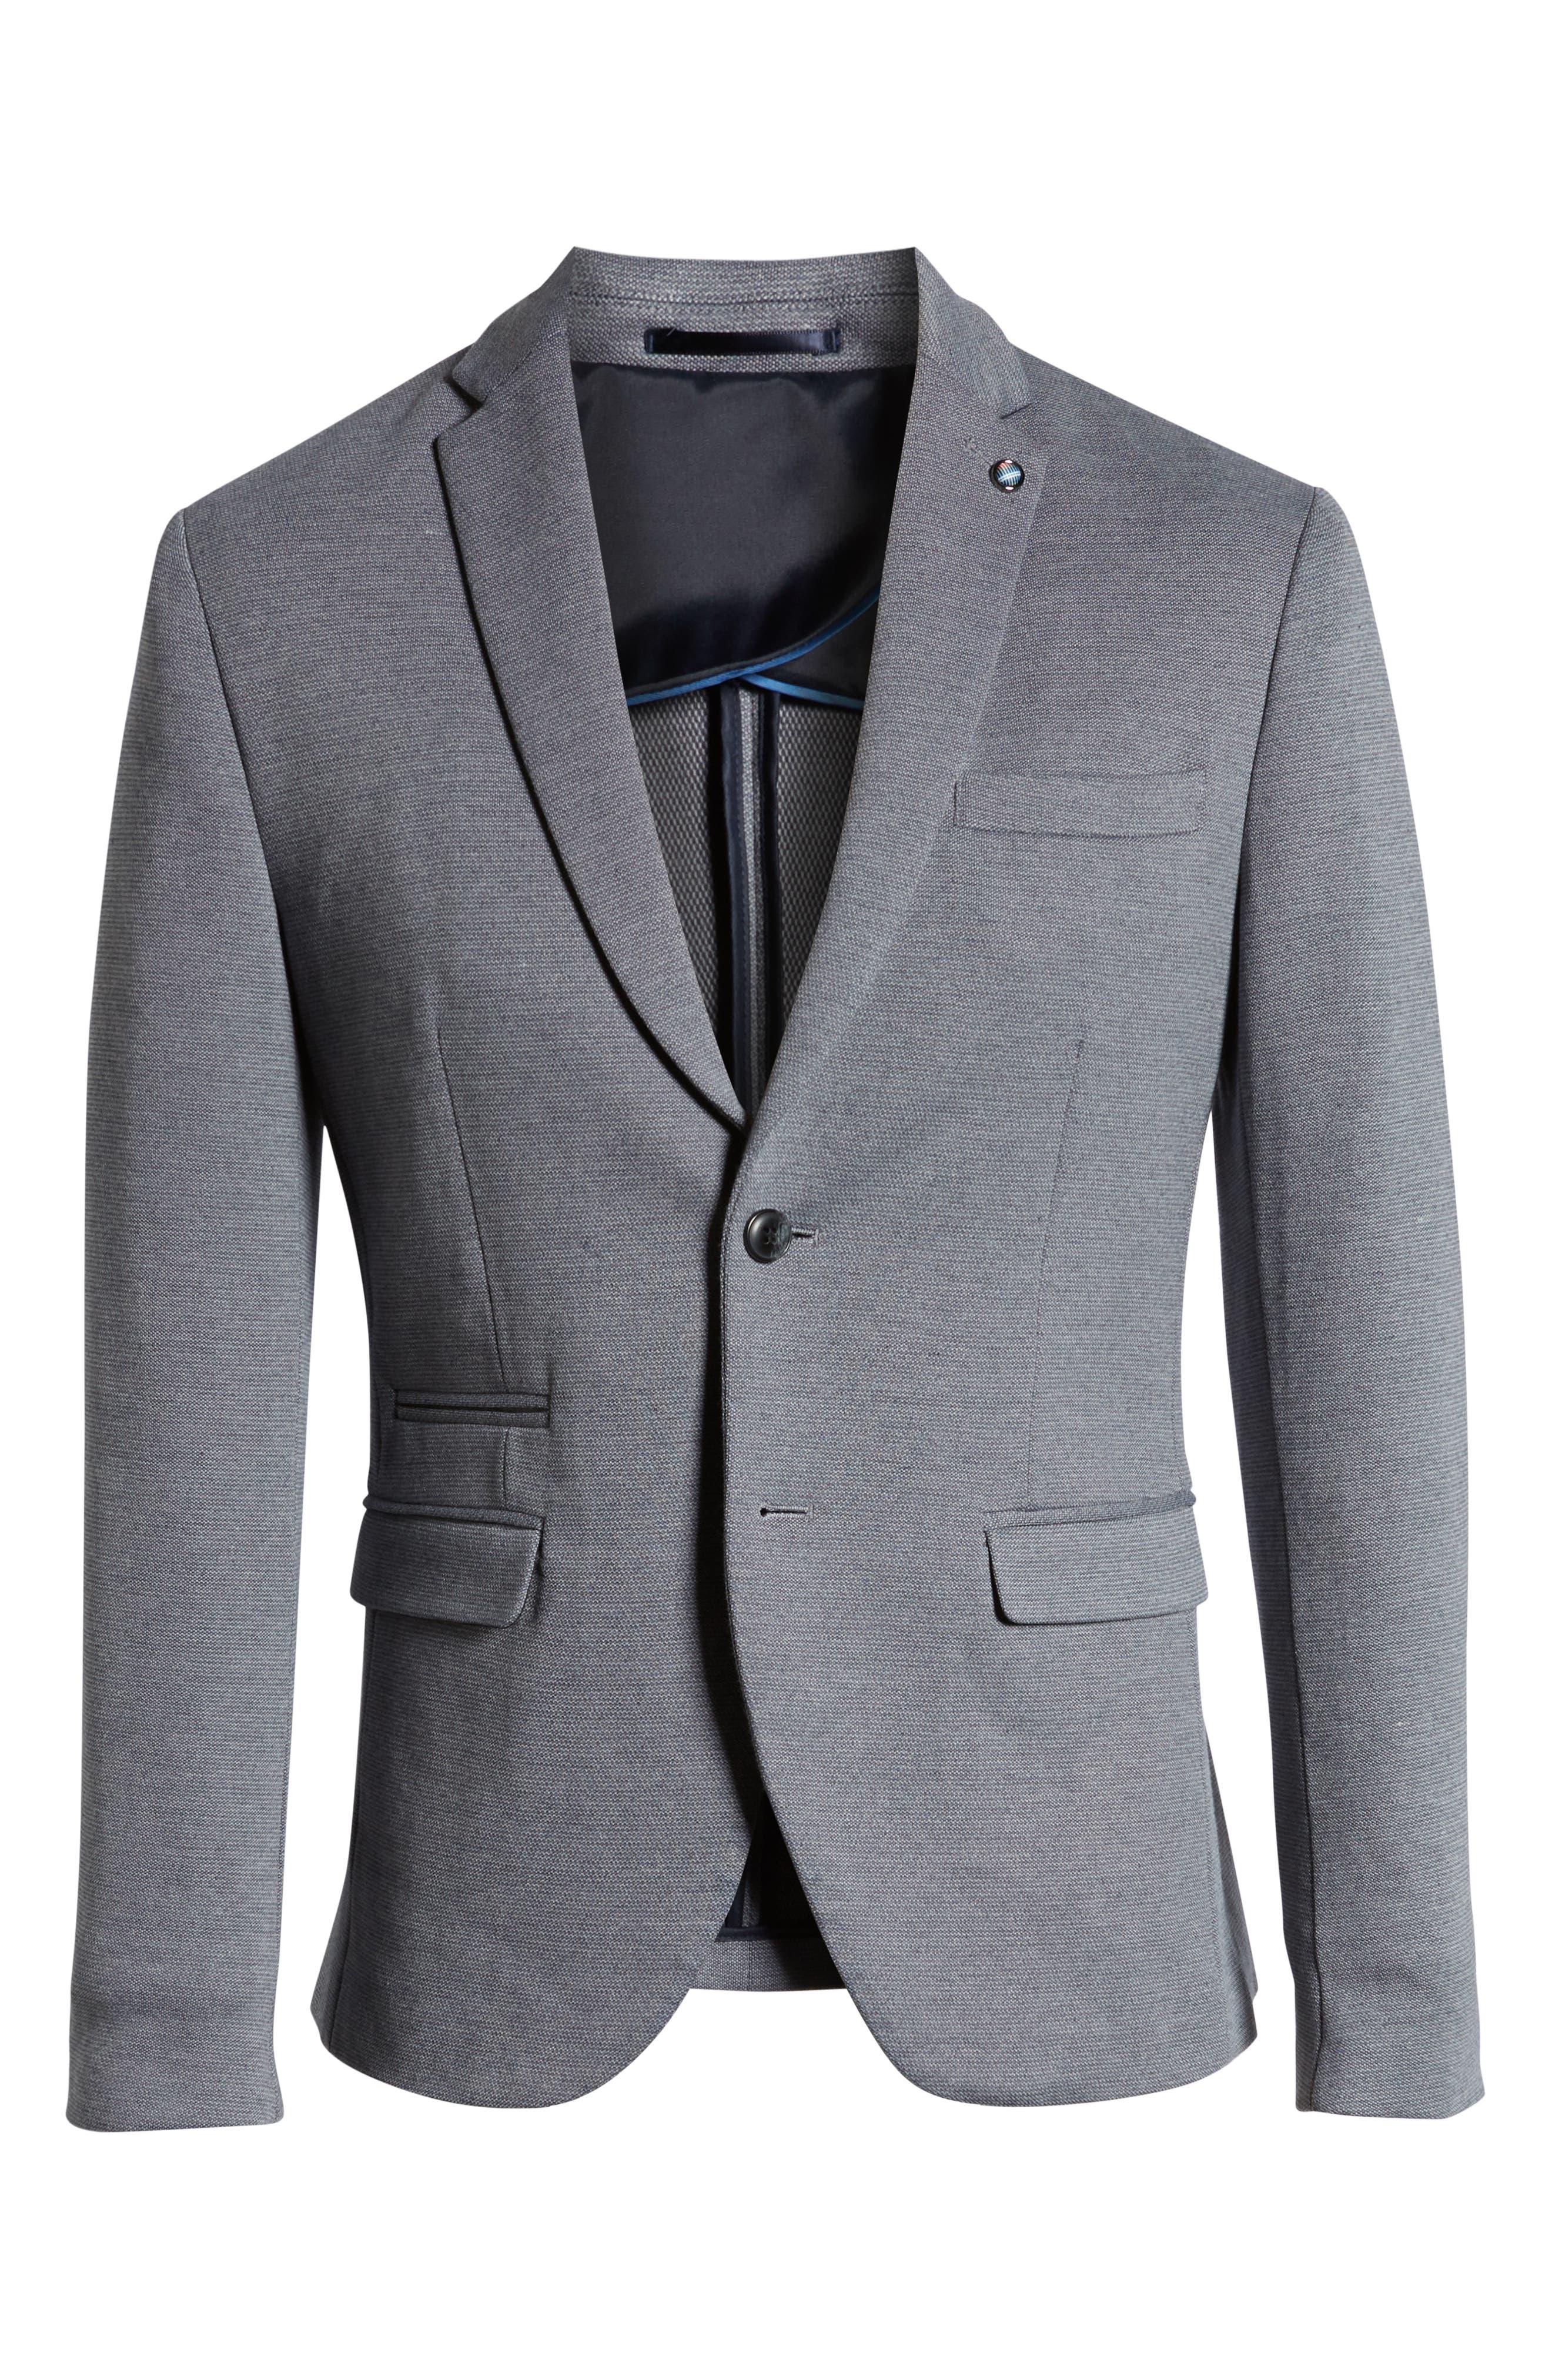 SELECTED HOMME, Slim Fit Sport Coat, Alternate thumbnail 6, color, GREY MELANGE